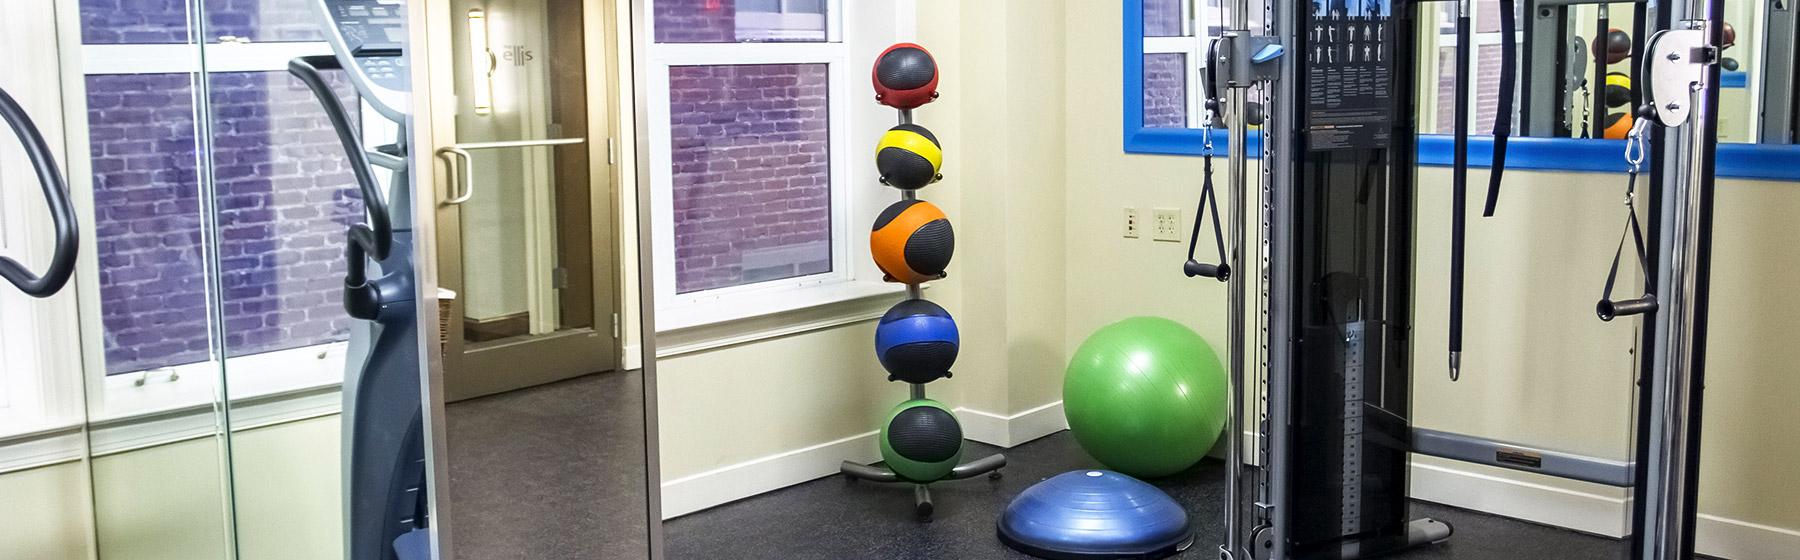 Fitness Center at Ellis Hotel, Atlanta